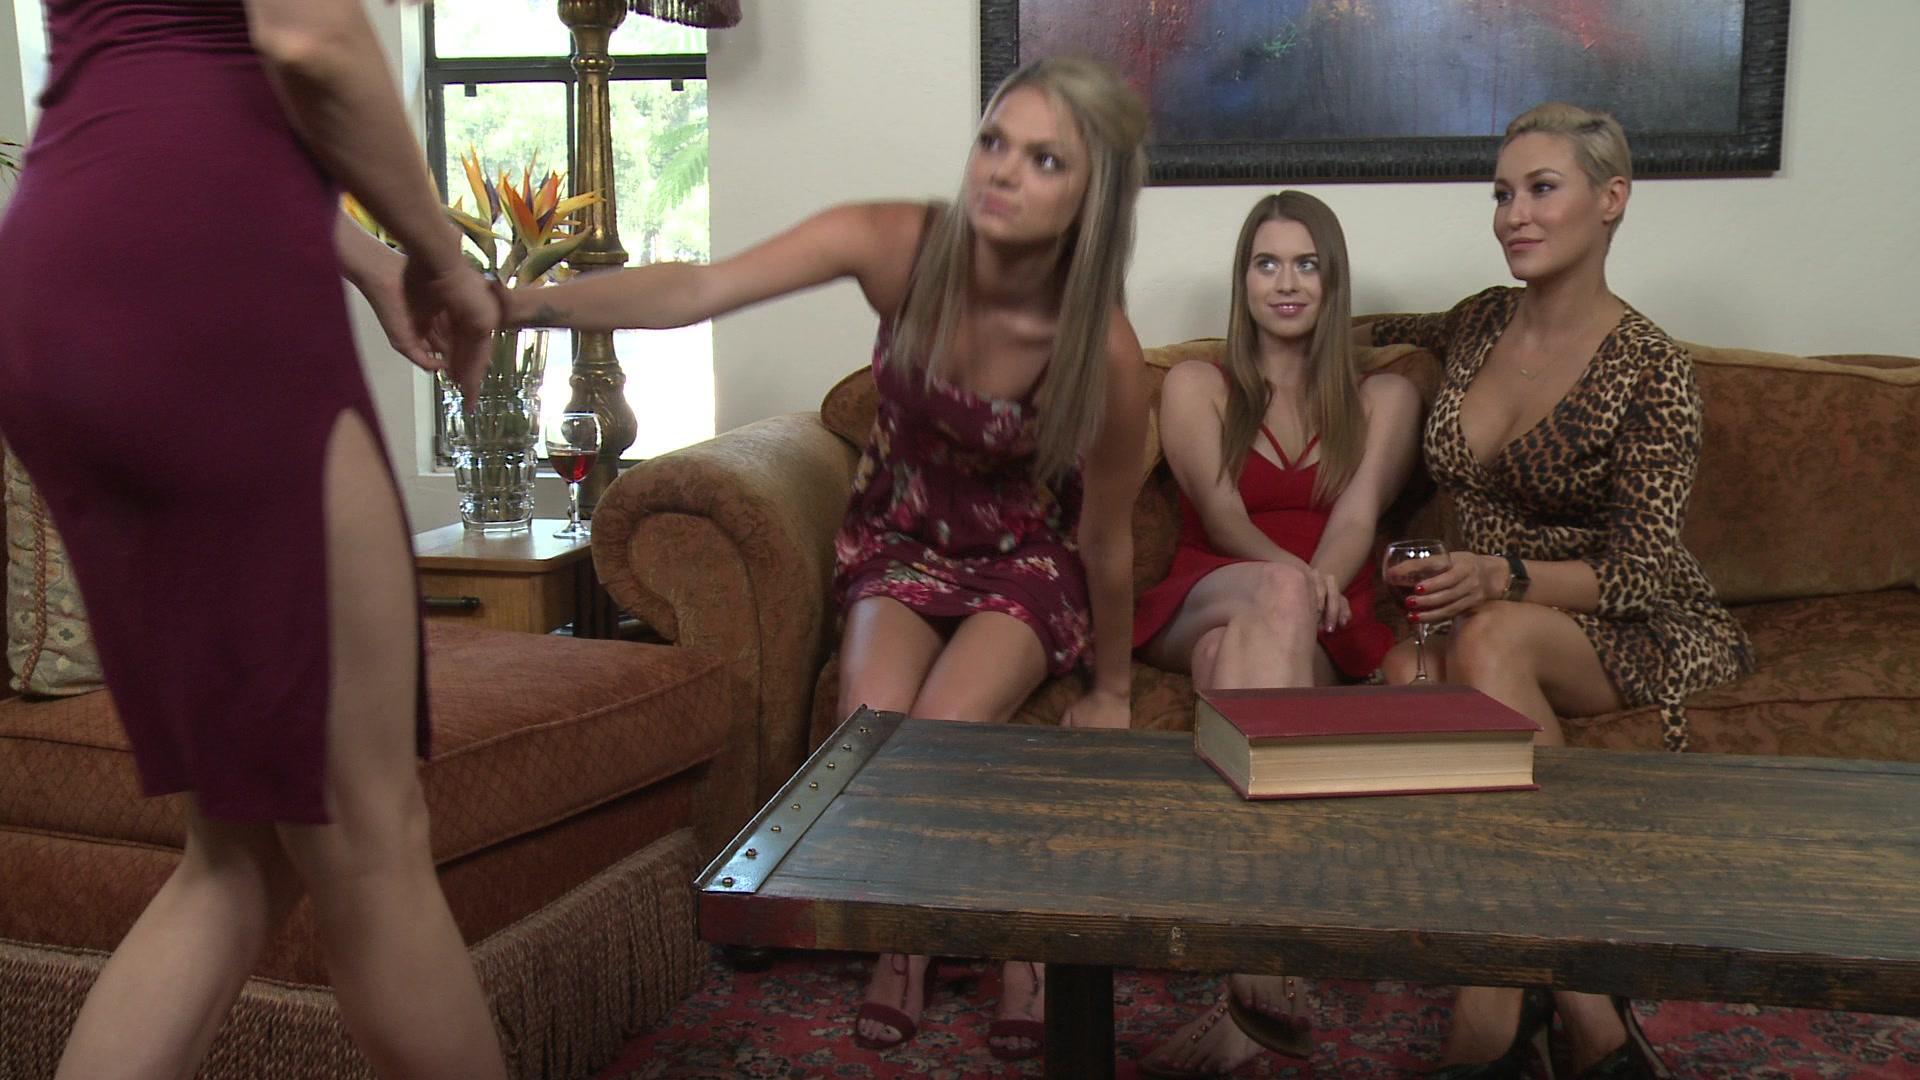 clip-home-movie-teen-beach-girls-ass